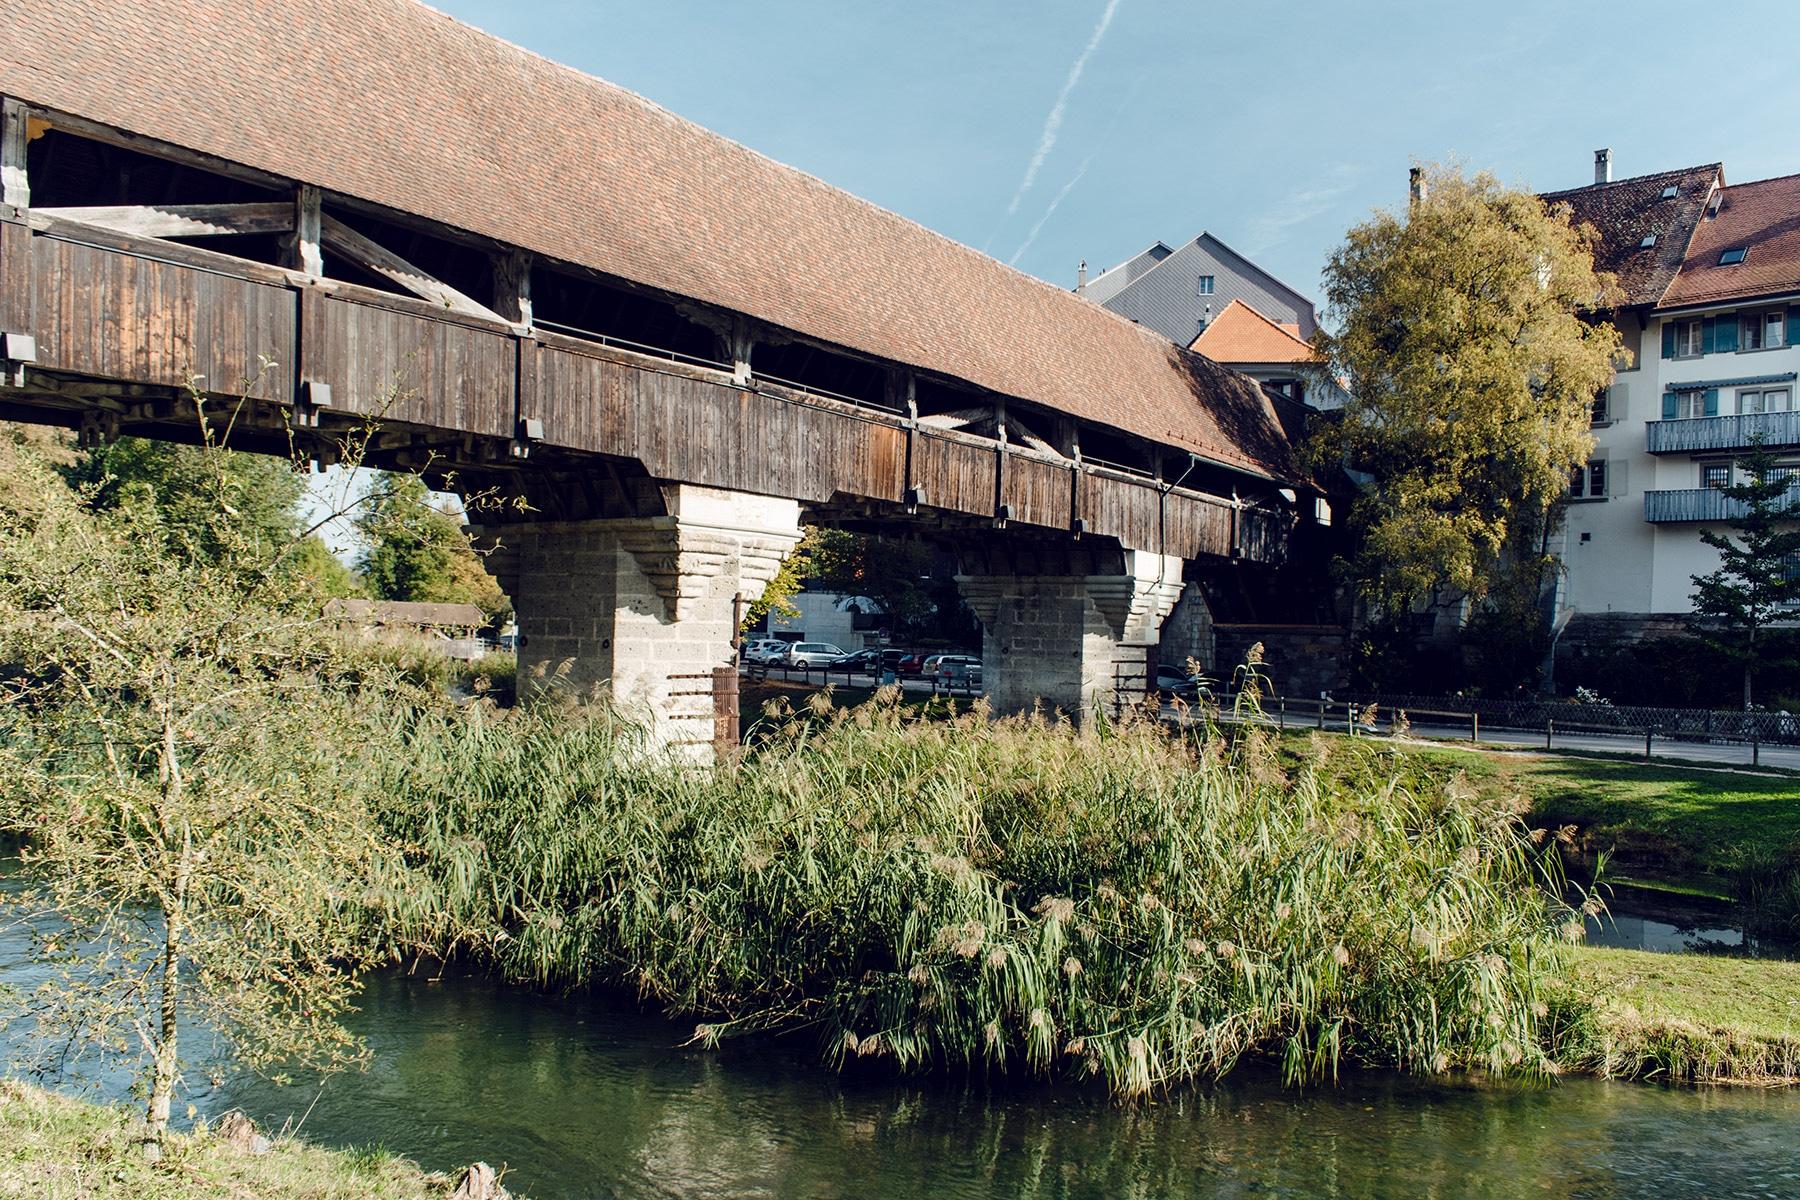 Pont en bois couvert qui permet l'accès au vieux bourg d'Aarberg